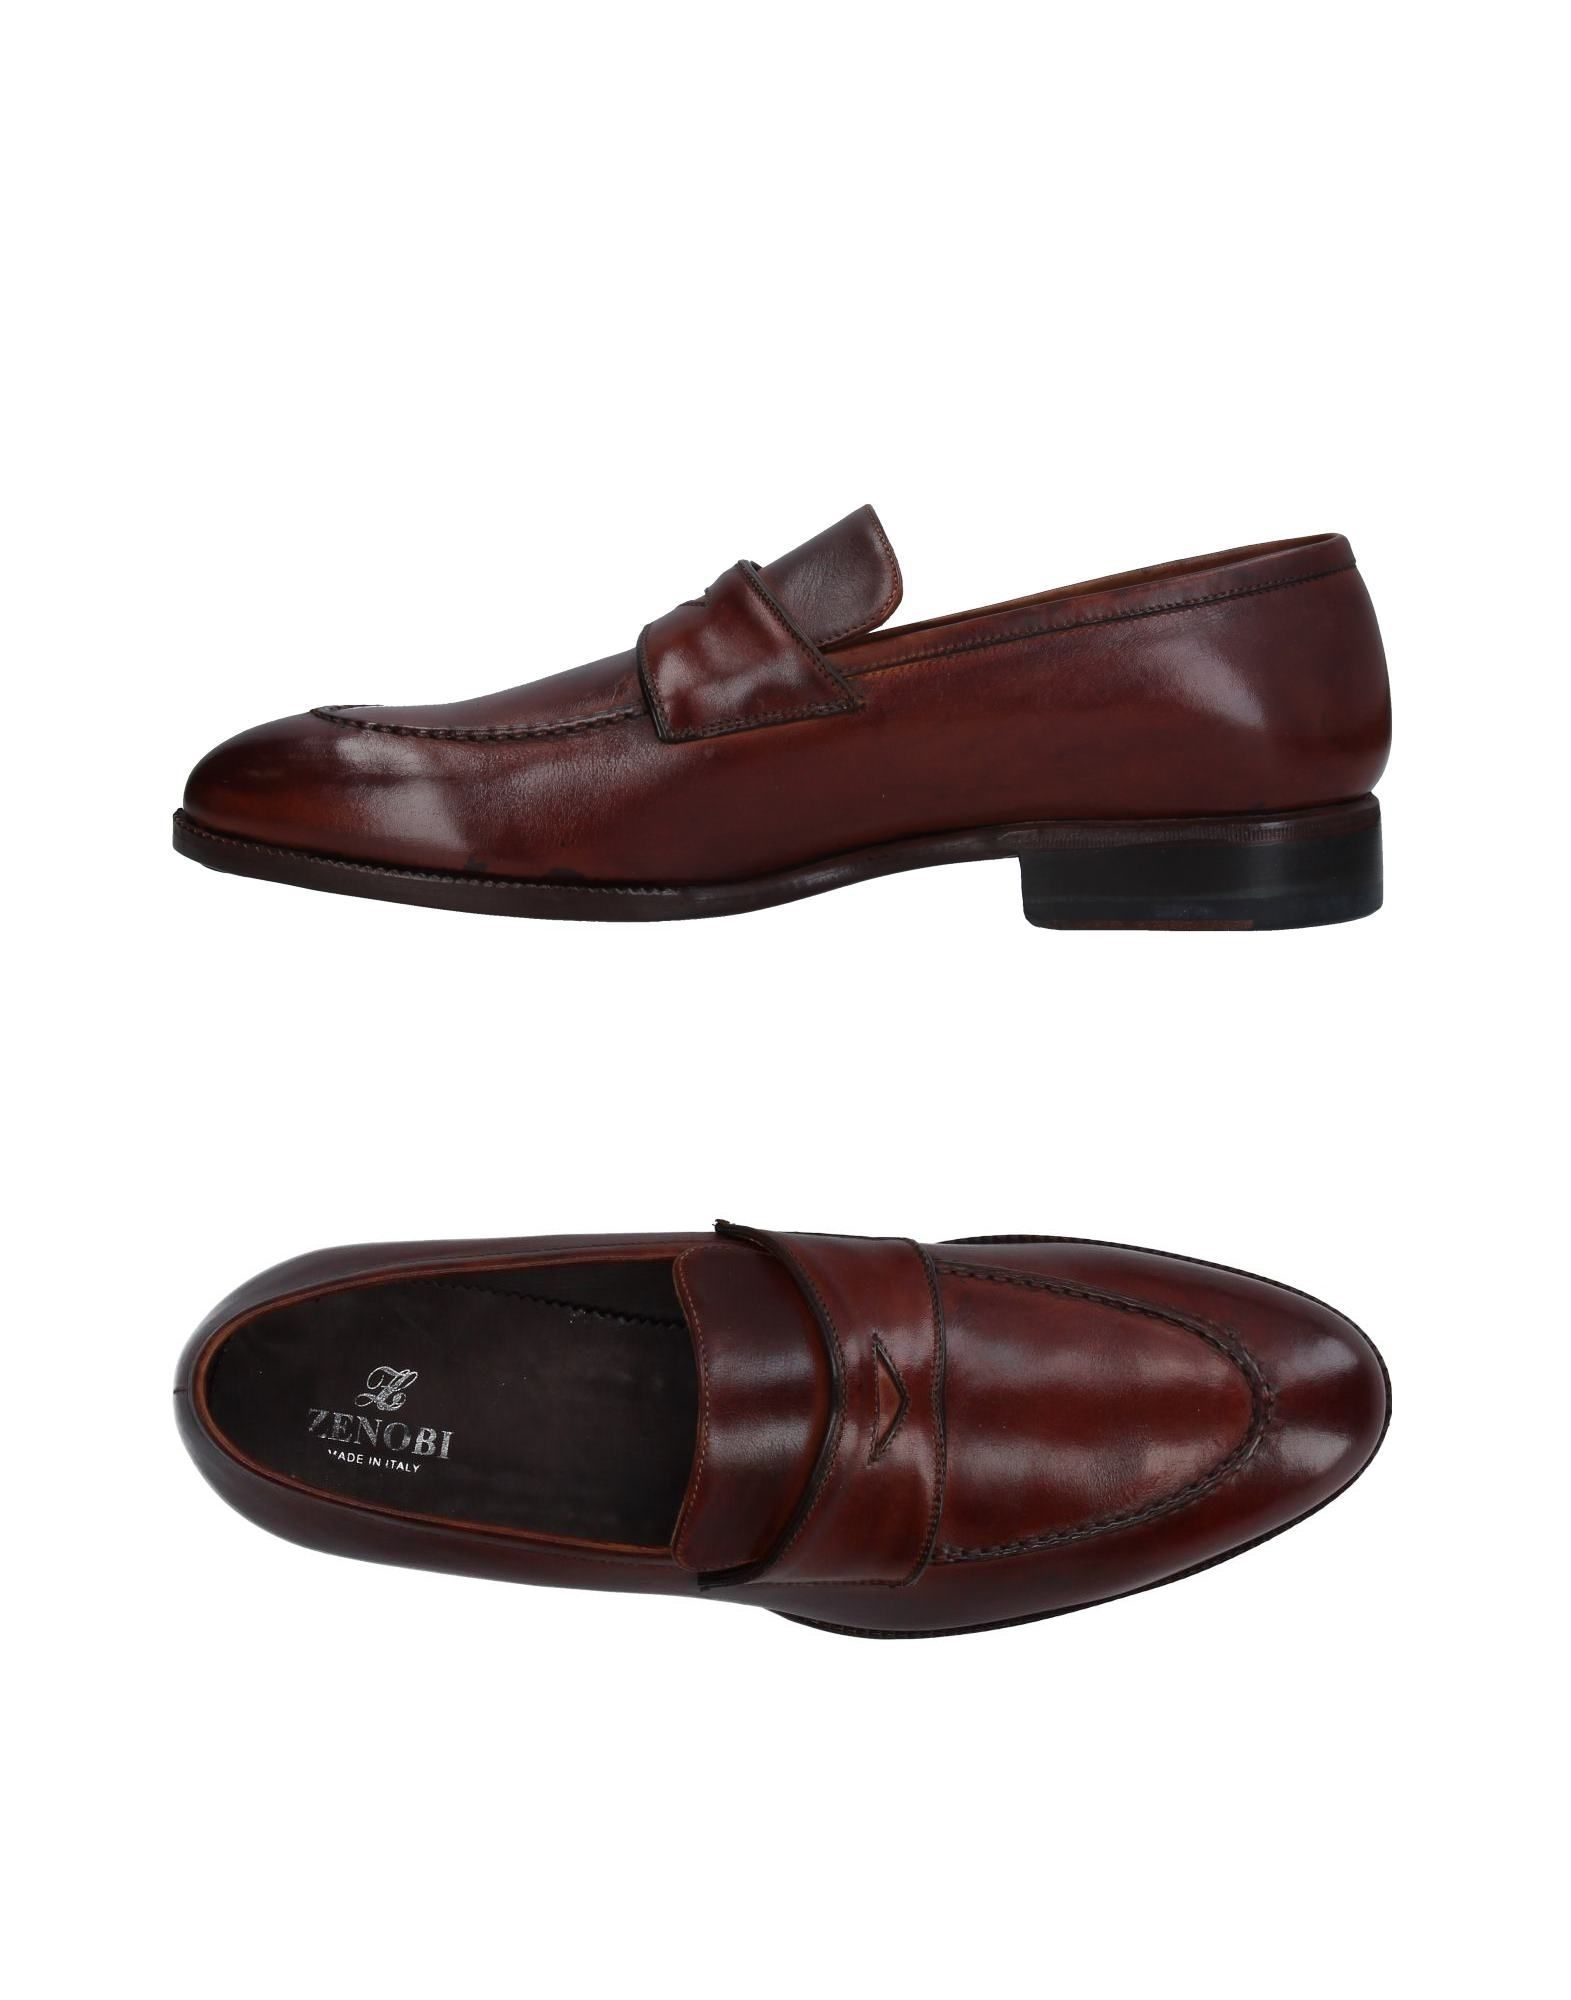 Zenobi Mokassins Herren  11325945TK Heiße Schuhe